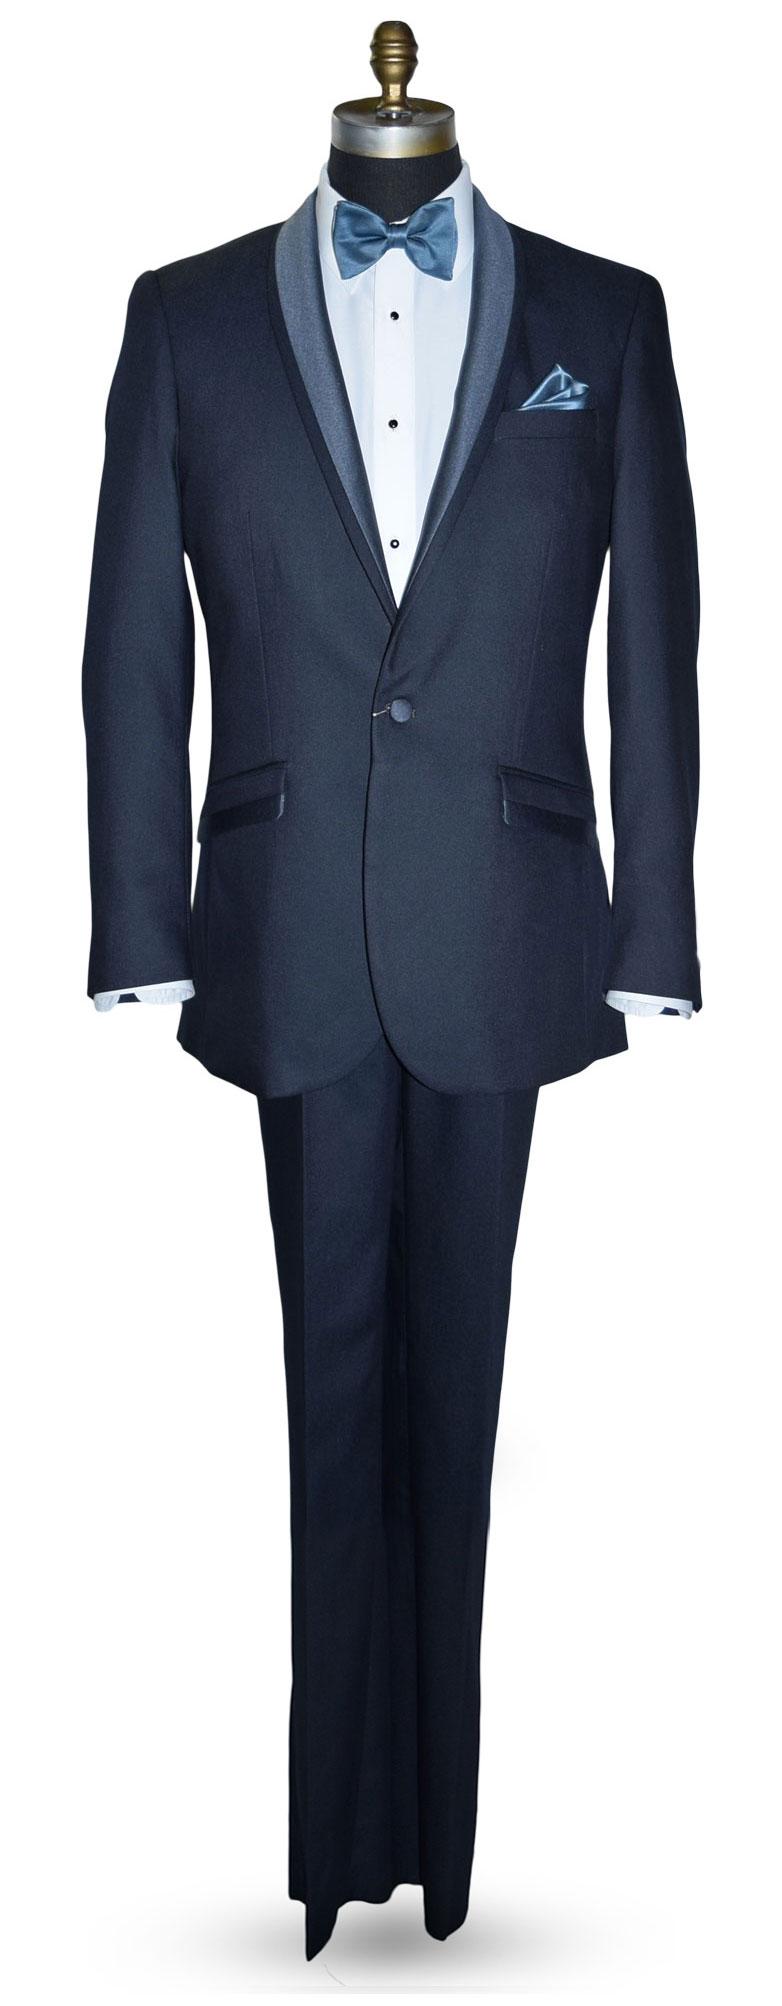 Coat and Pants Set